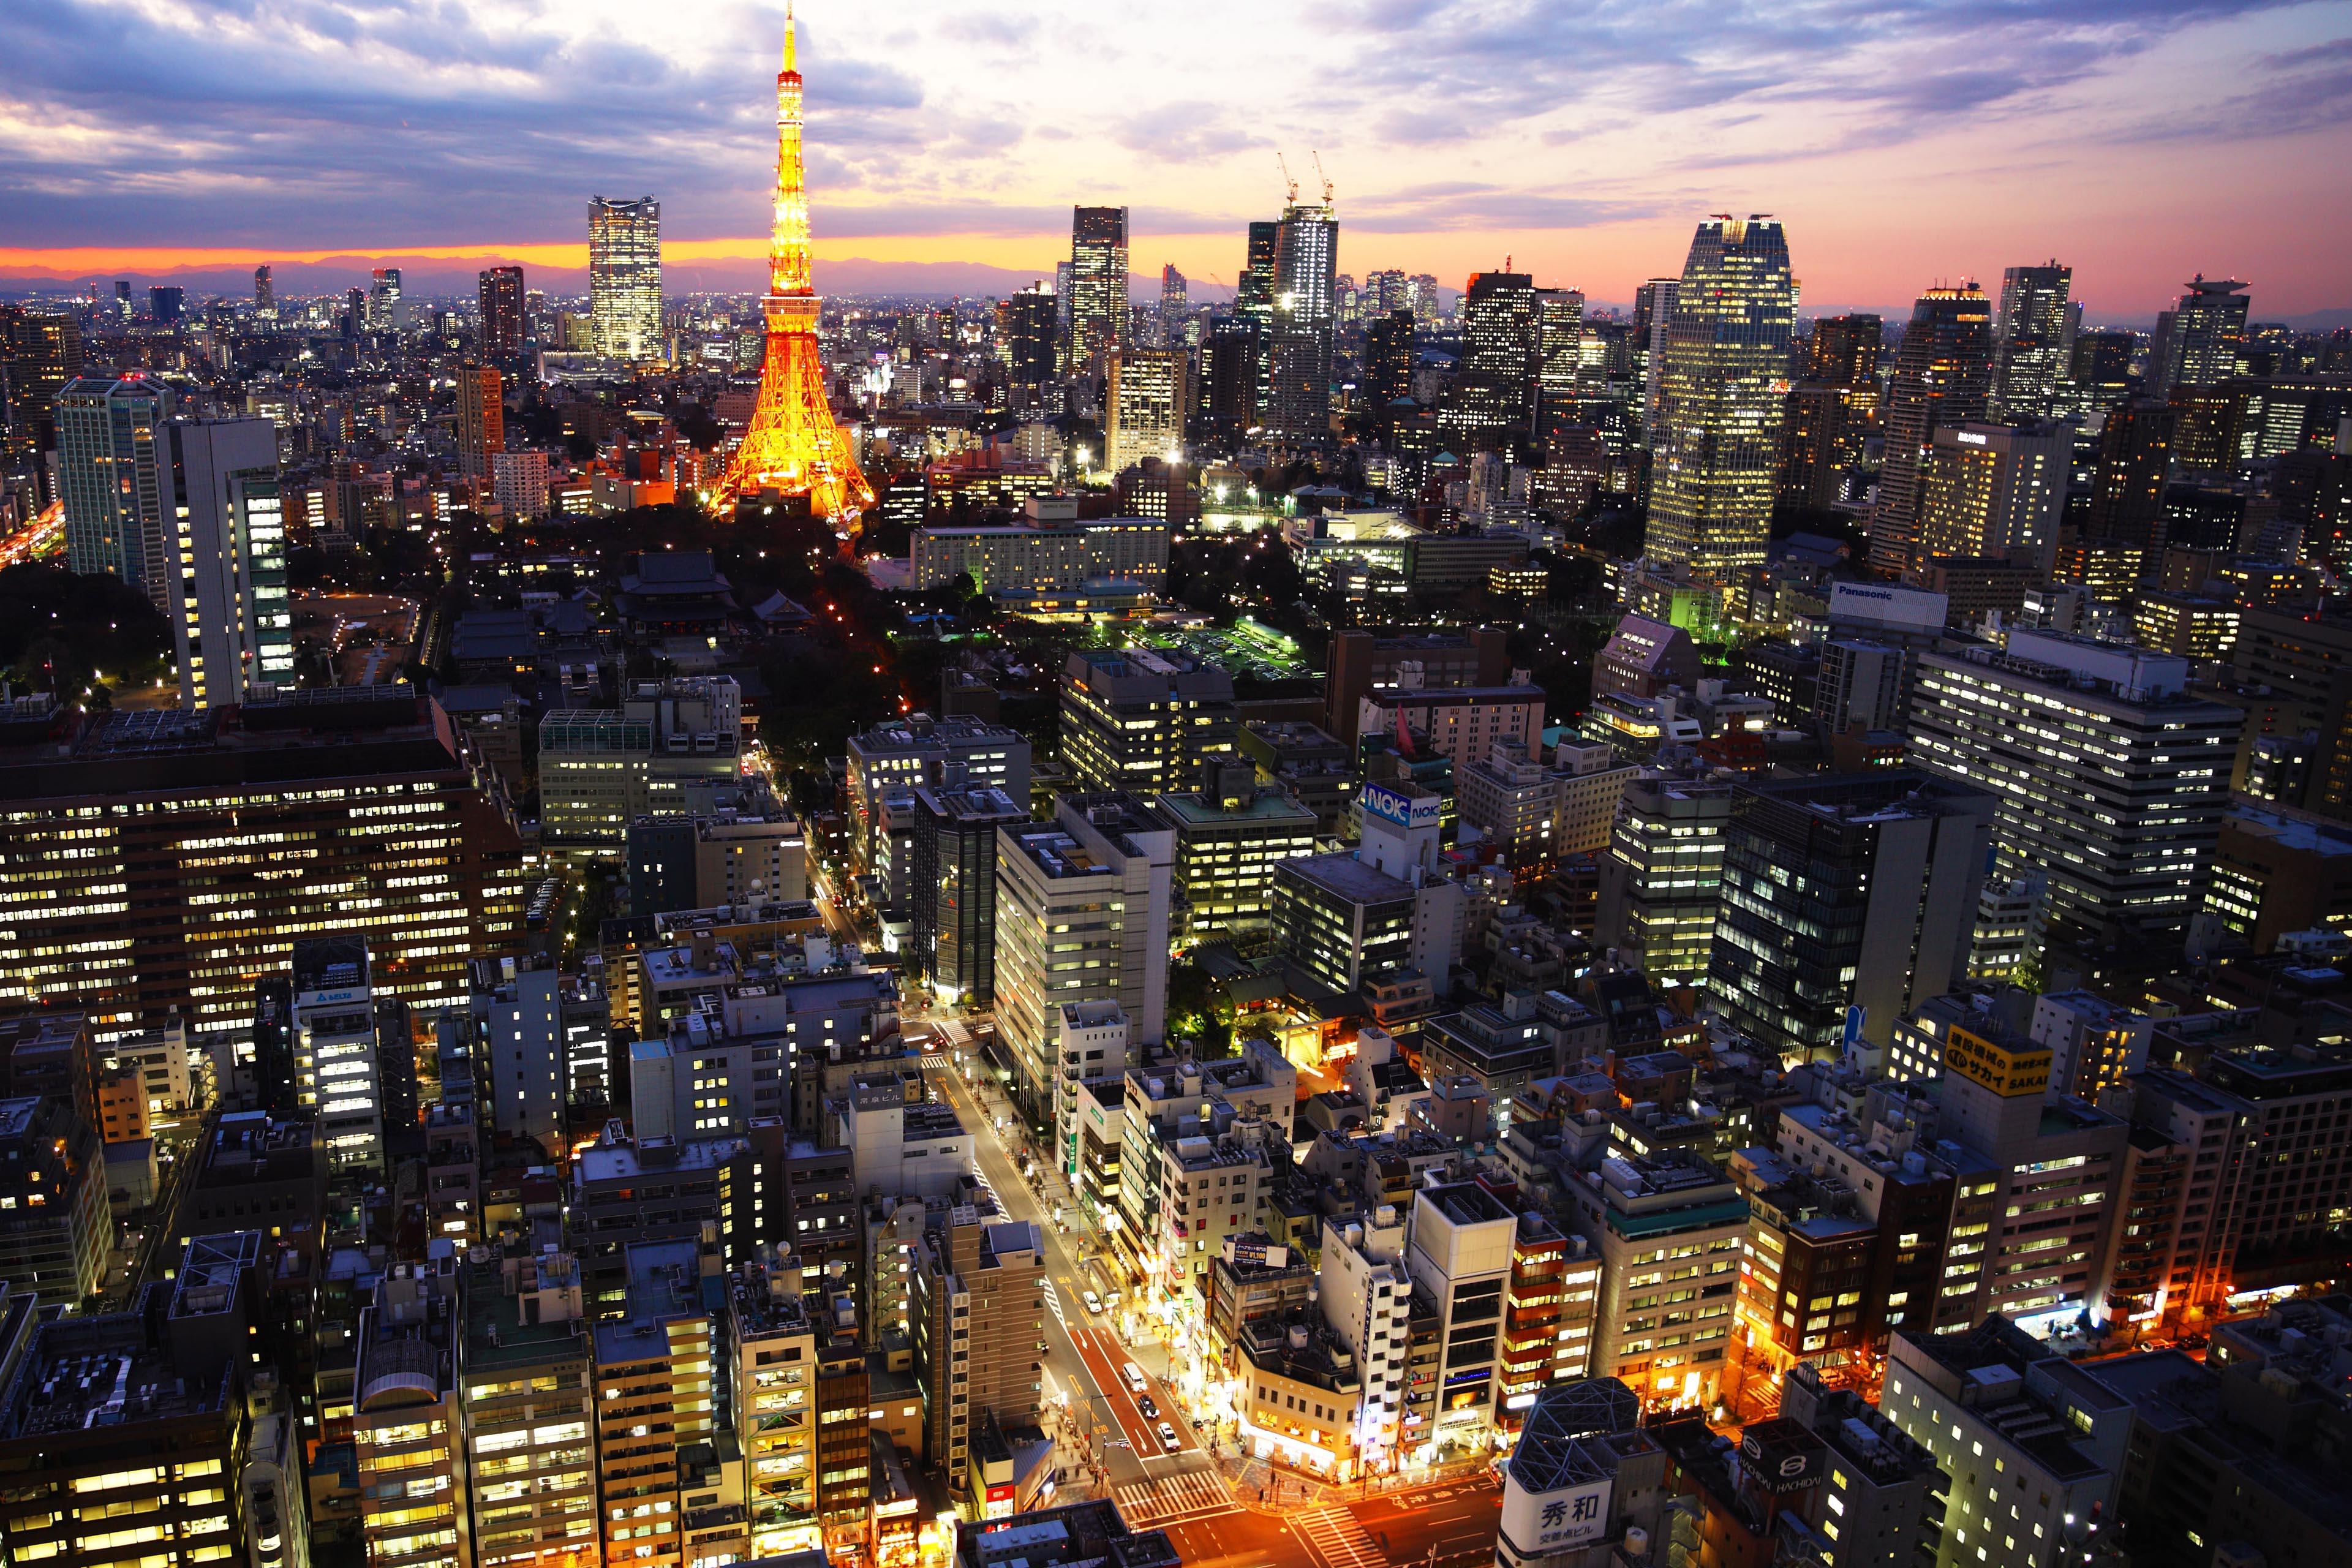 Vista nocturna de Tokio con la Torre de Tokio